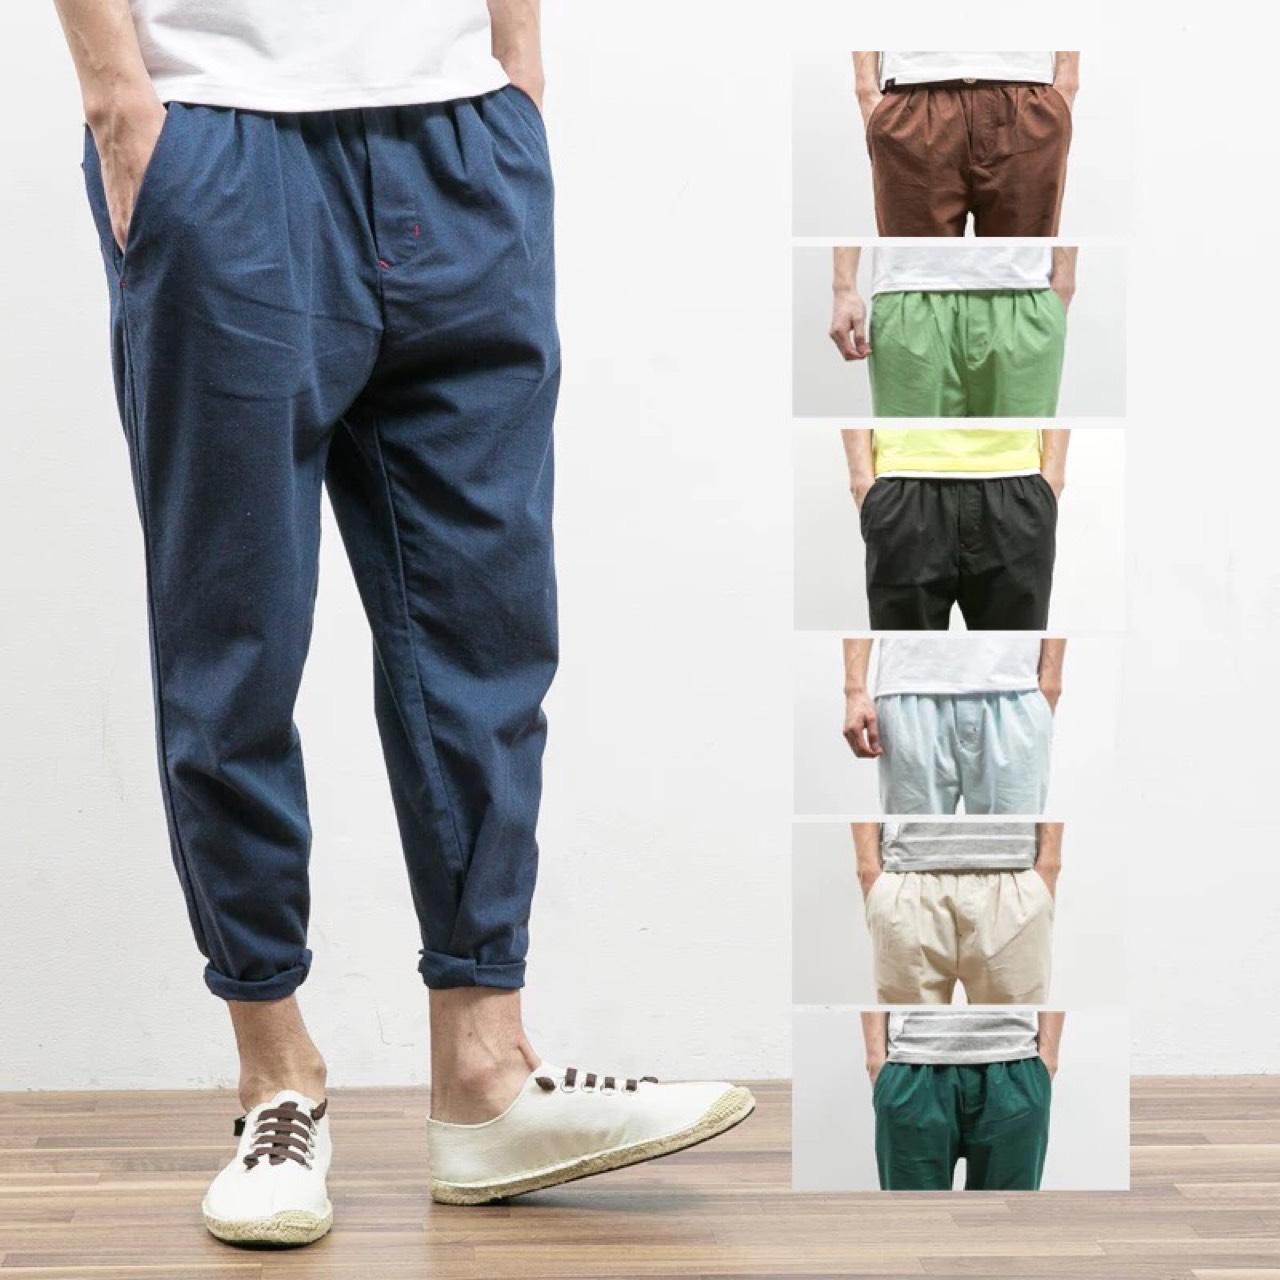 Preorder,Line,LINESHOP,Inbox,เว็บไซต์,เสื้อผ้าผู้ชาย,กางเกงขายาว,กางเกงแฟชั่นผู้ชาย,เสื้อผ้าแฟชั่น,กางเกง,กางเกงผู้ชาย,ผู้ชาย,เกาหลี,men,pants,KJFashionStyle,kjfashionstyle